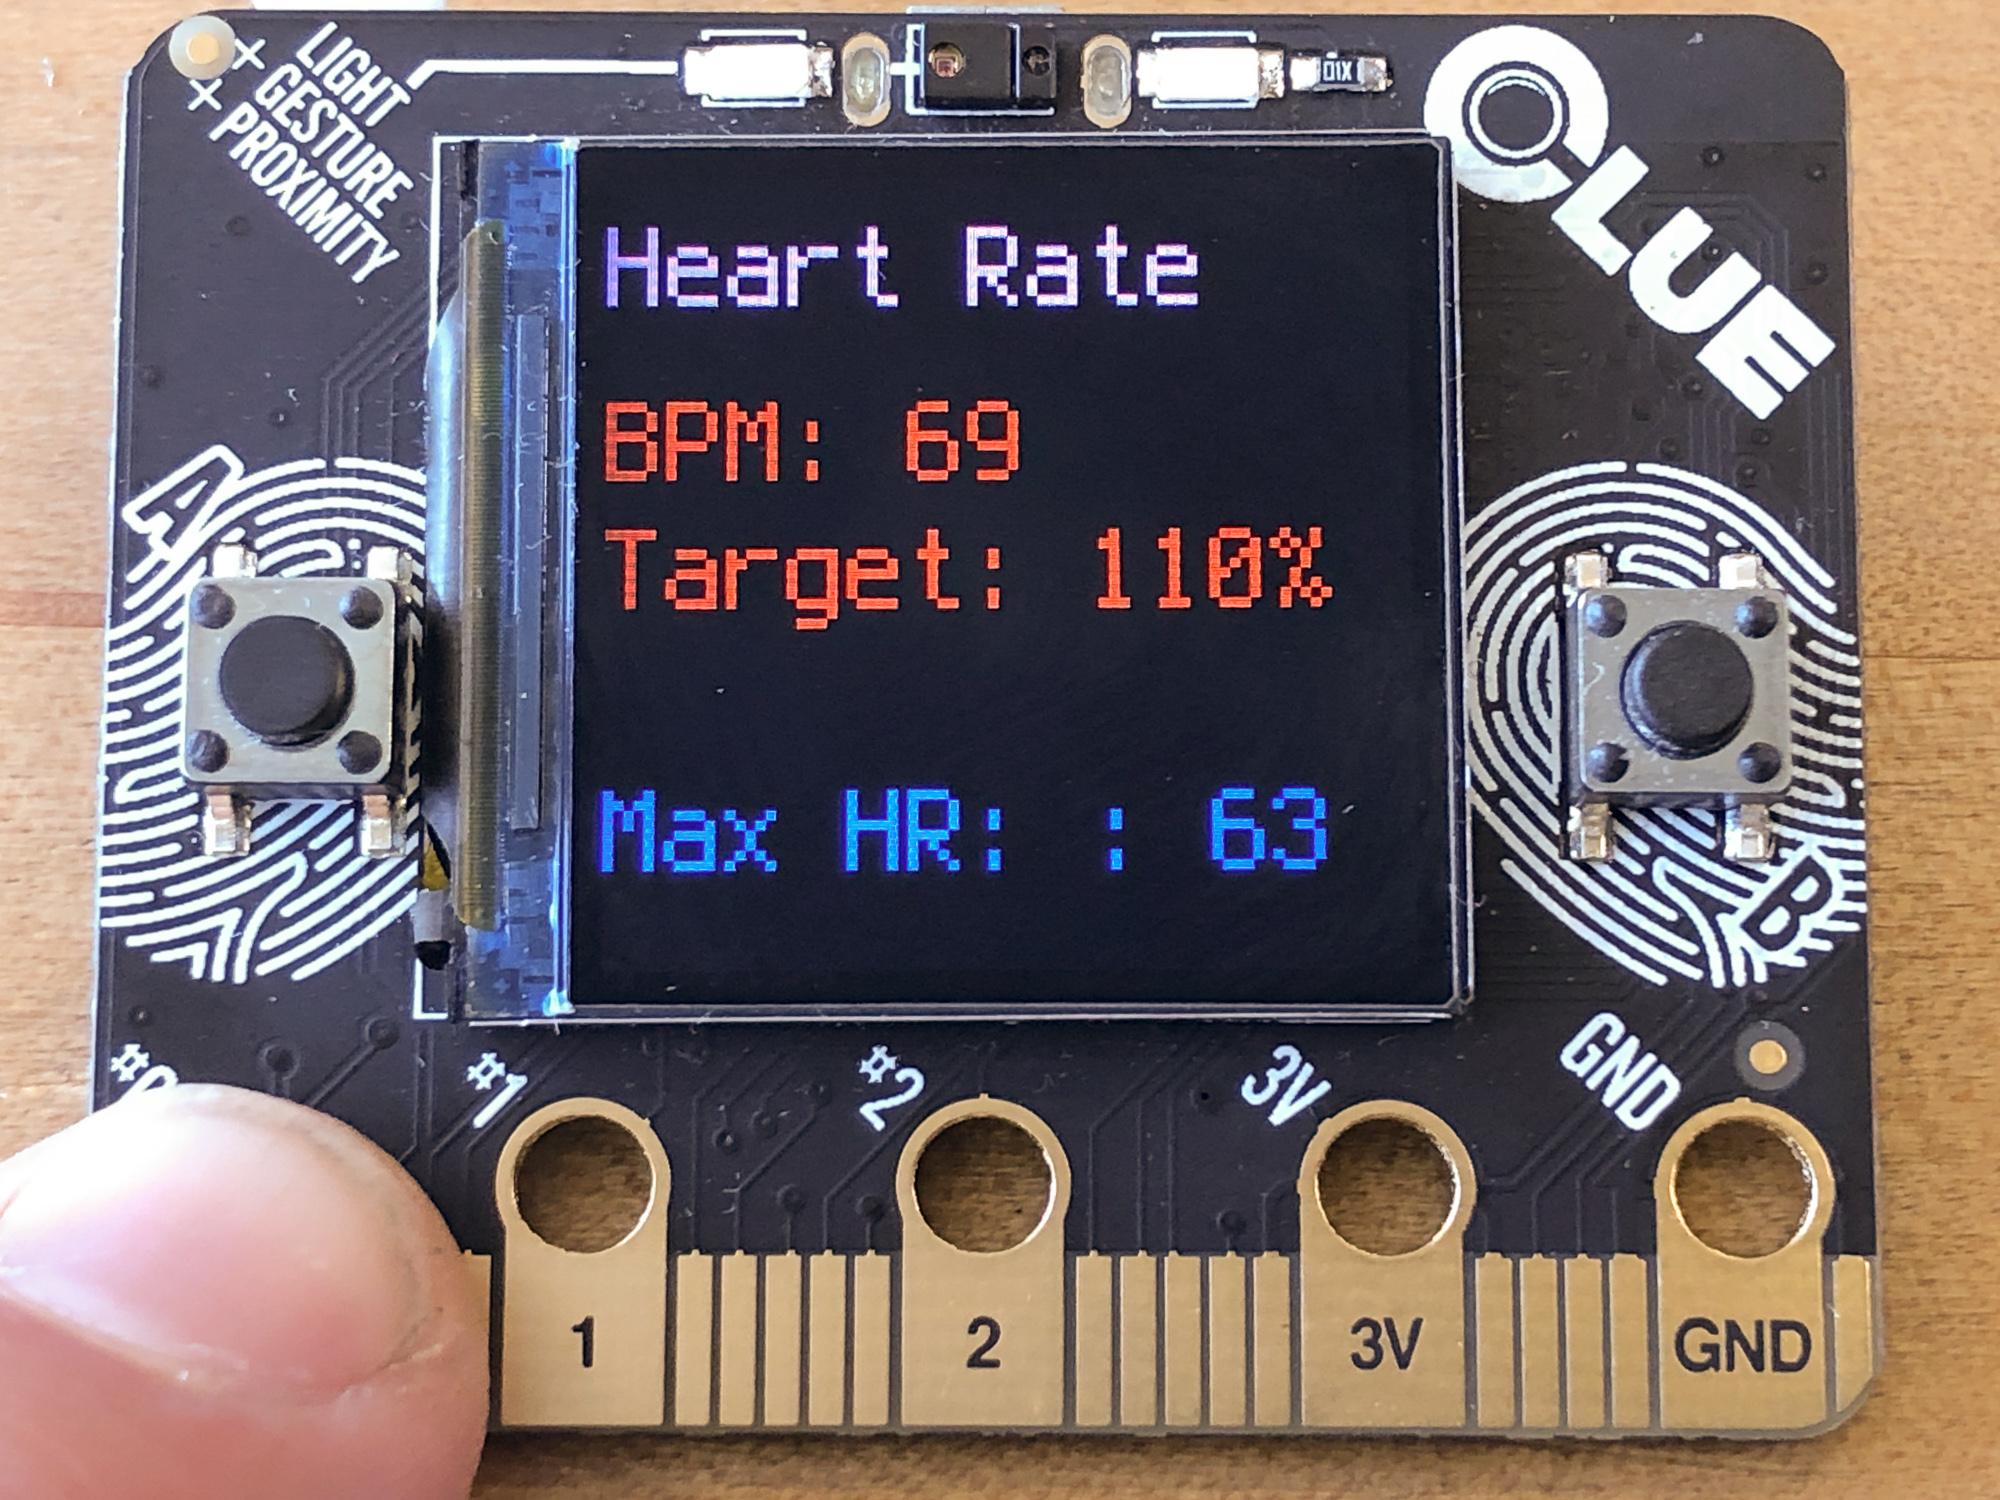 sensors_clue_hr-14.jpg